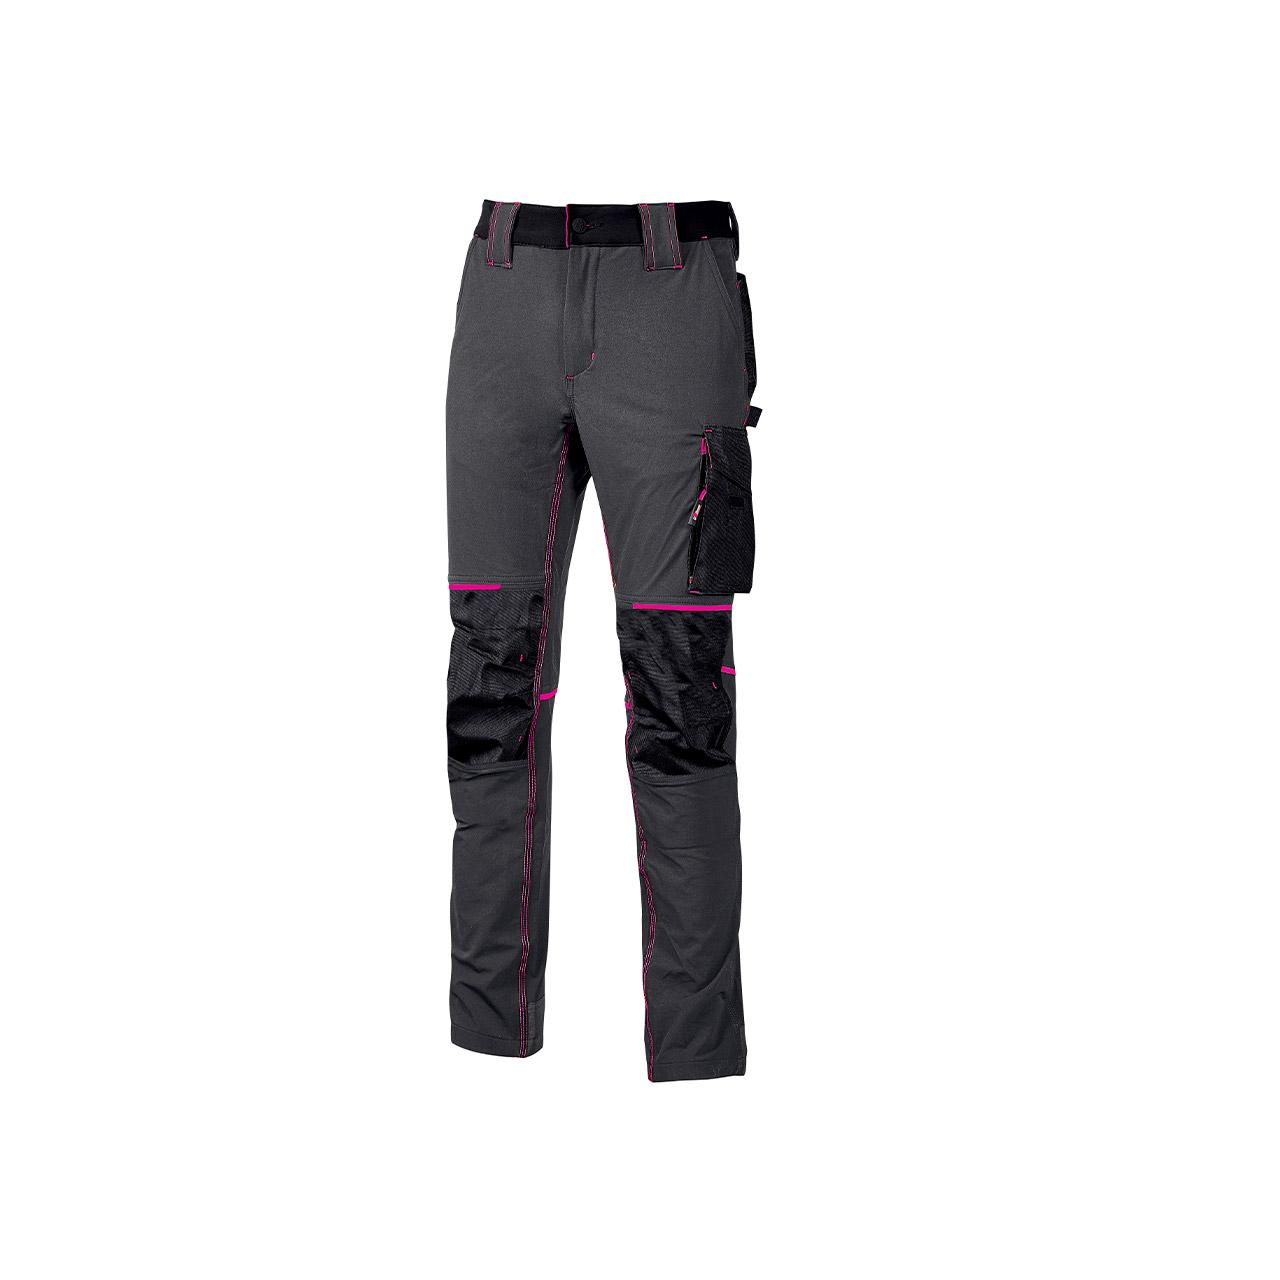 pantalone da lavoro upower modello atom lady colore grey fucsia